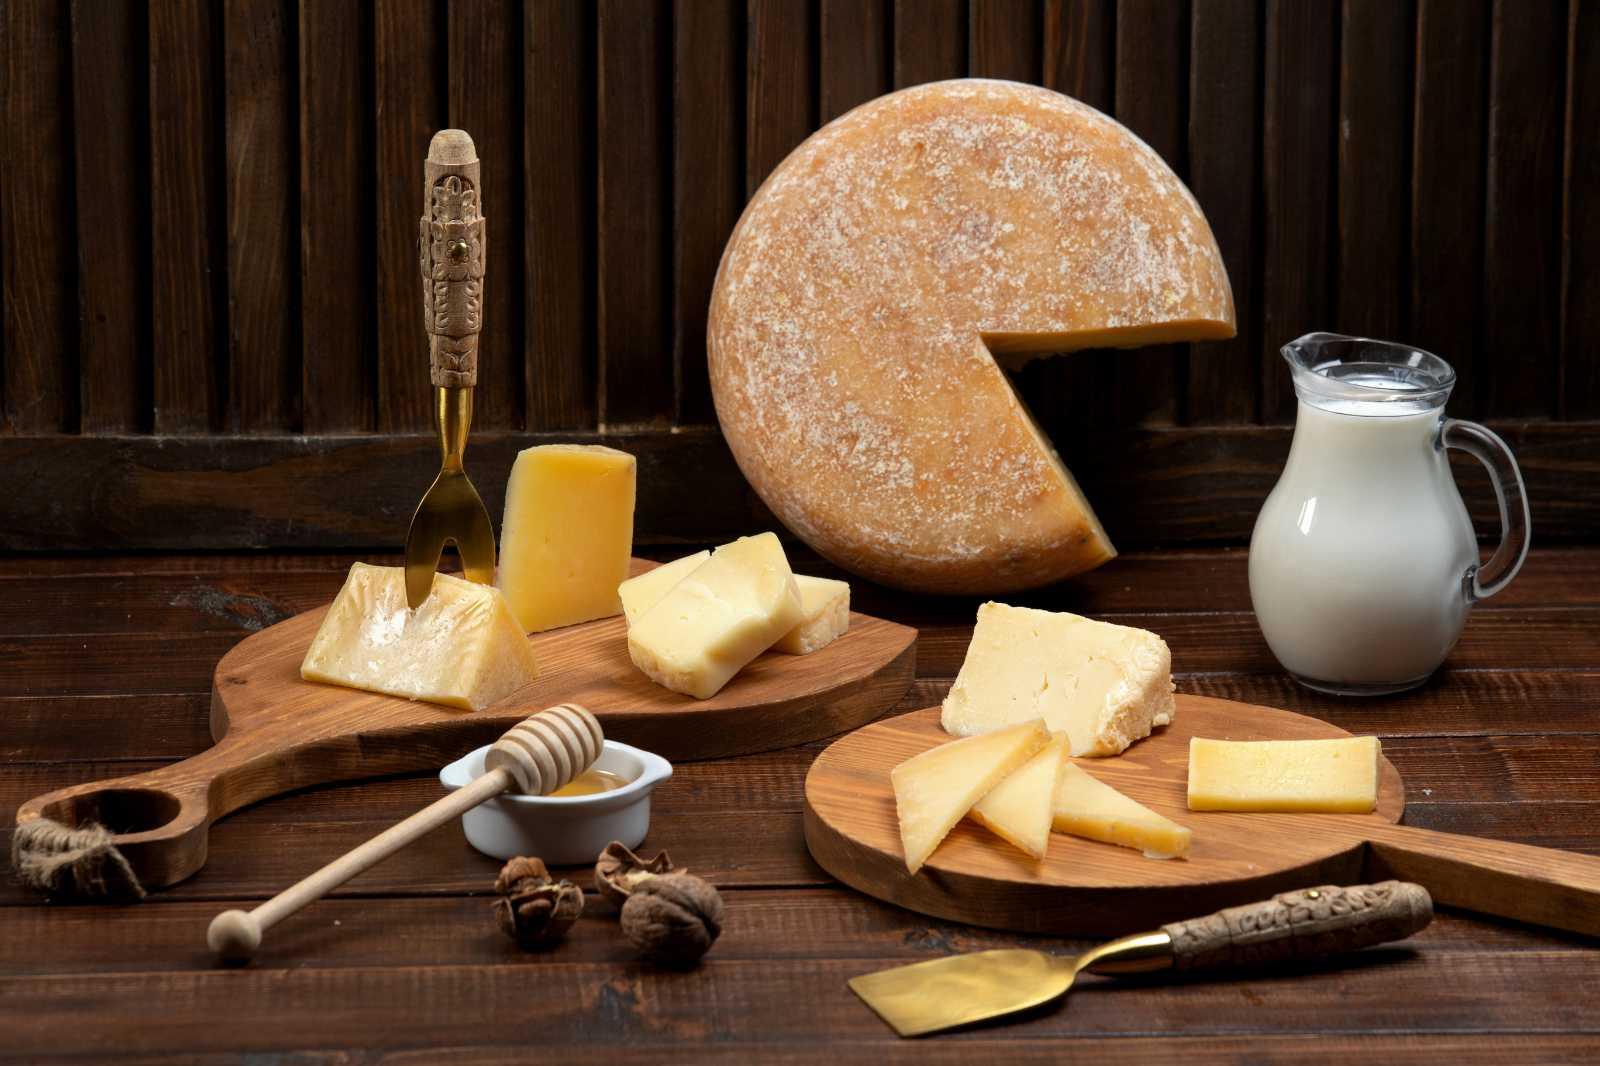 kemény sajtokban sok a kalcium